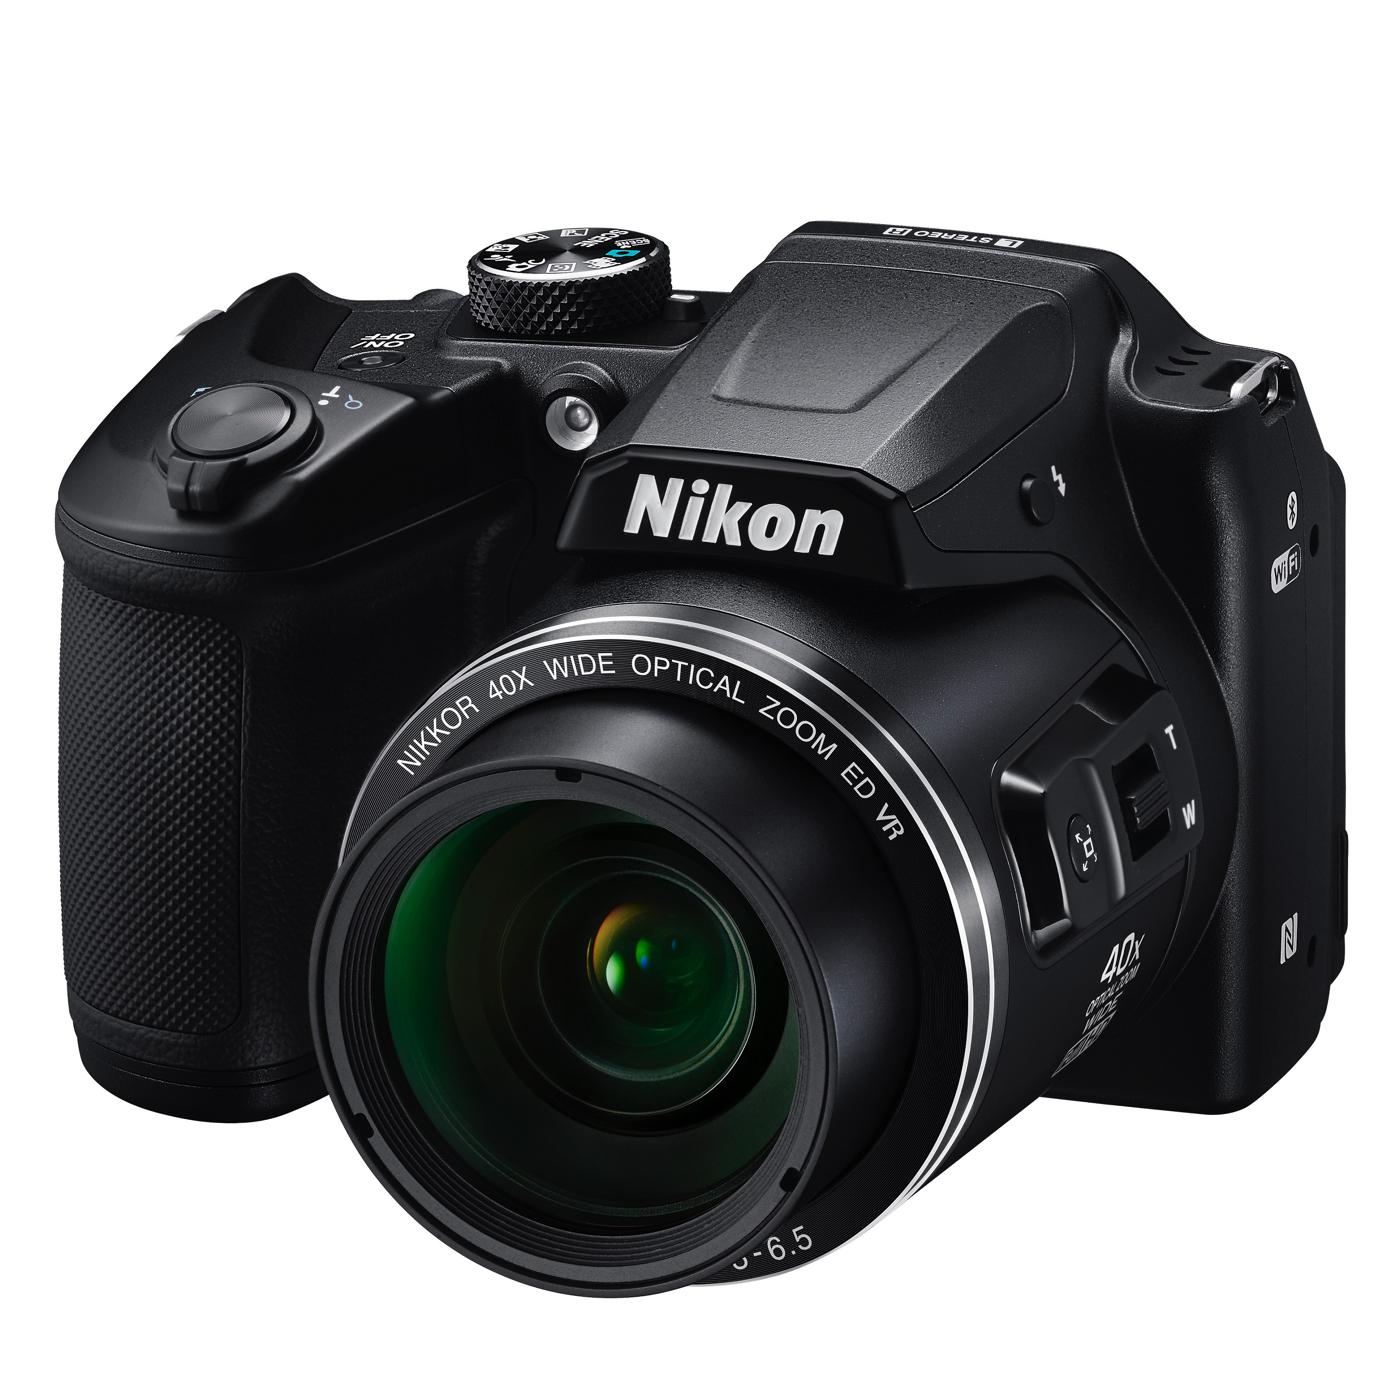 Ver fotos de camaras digitales